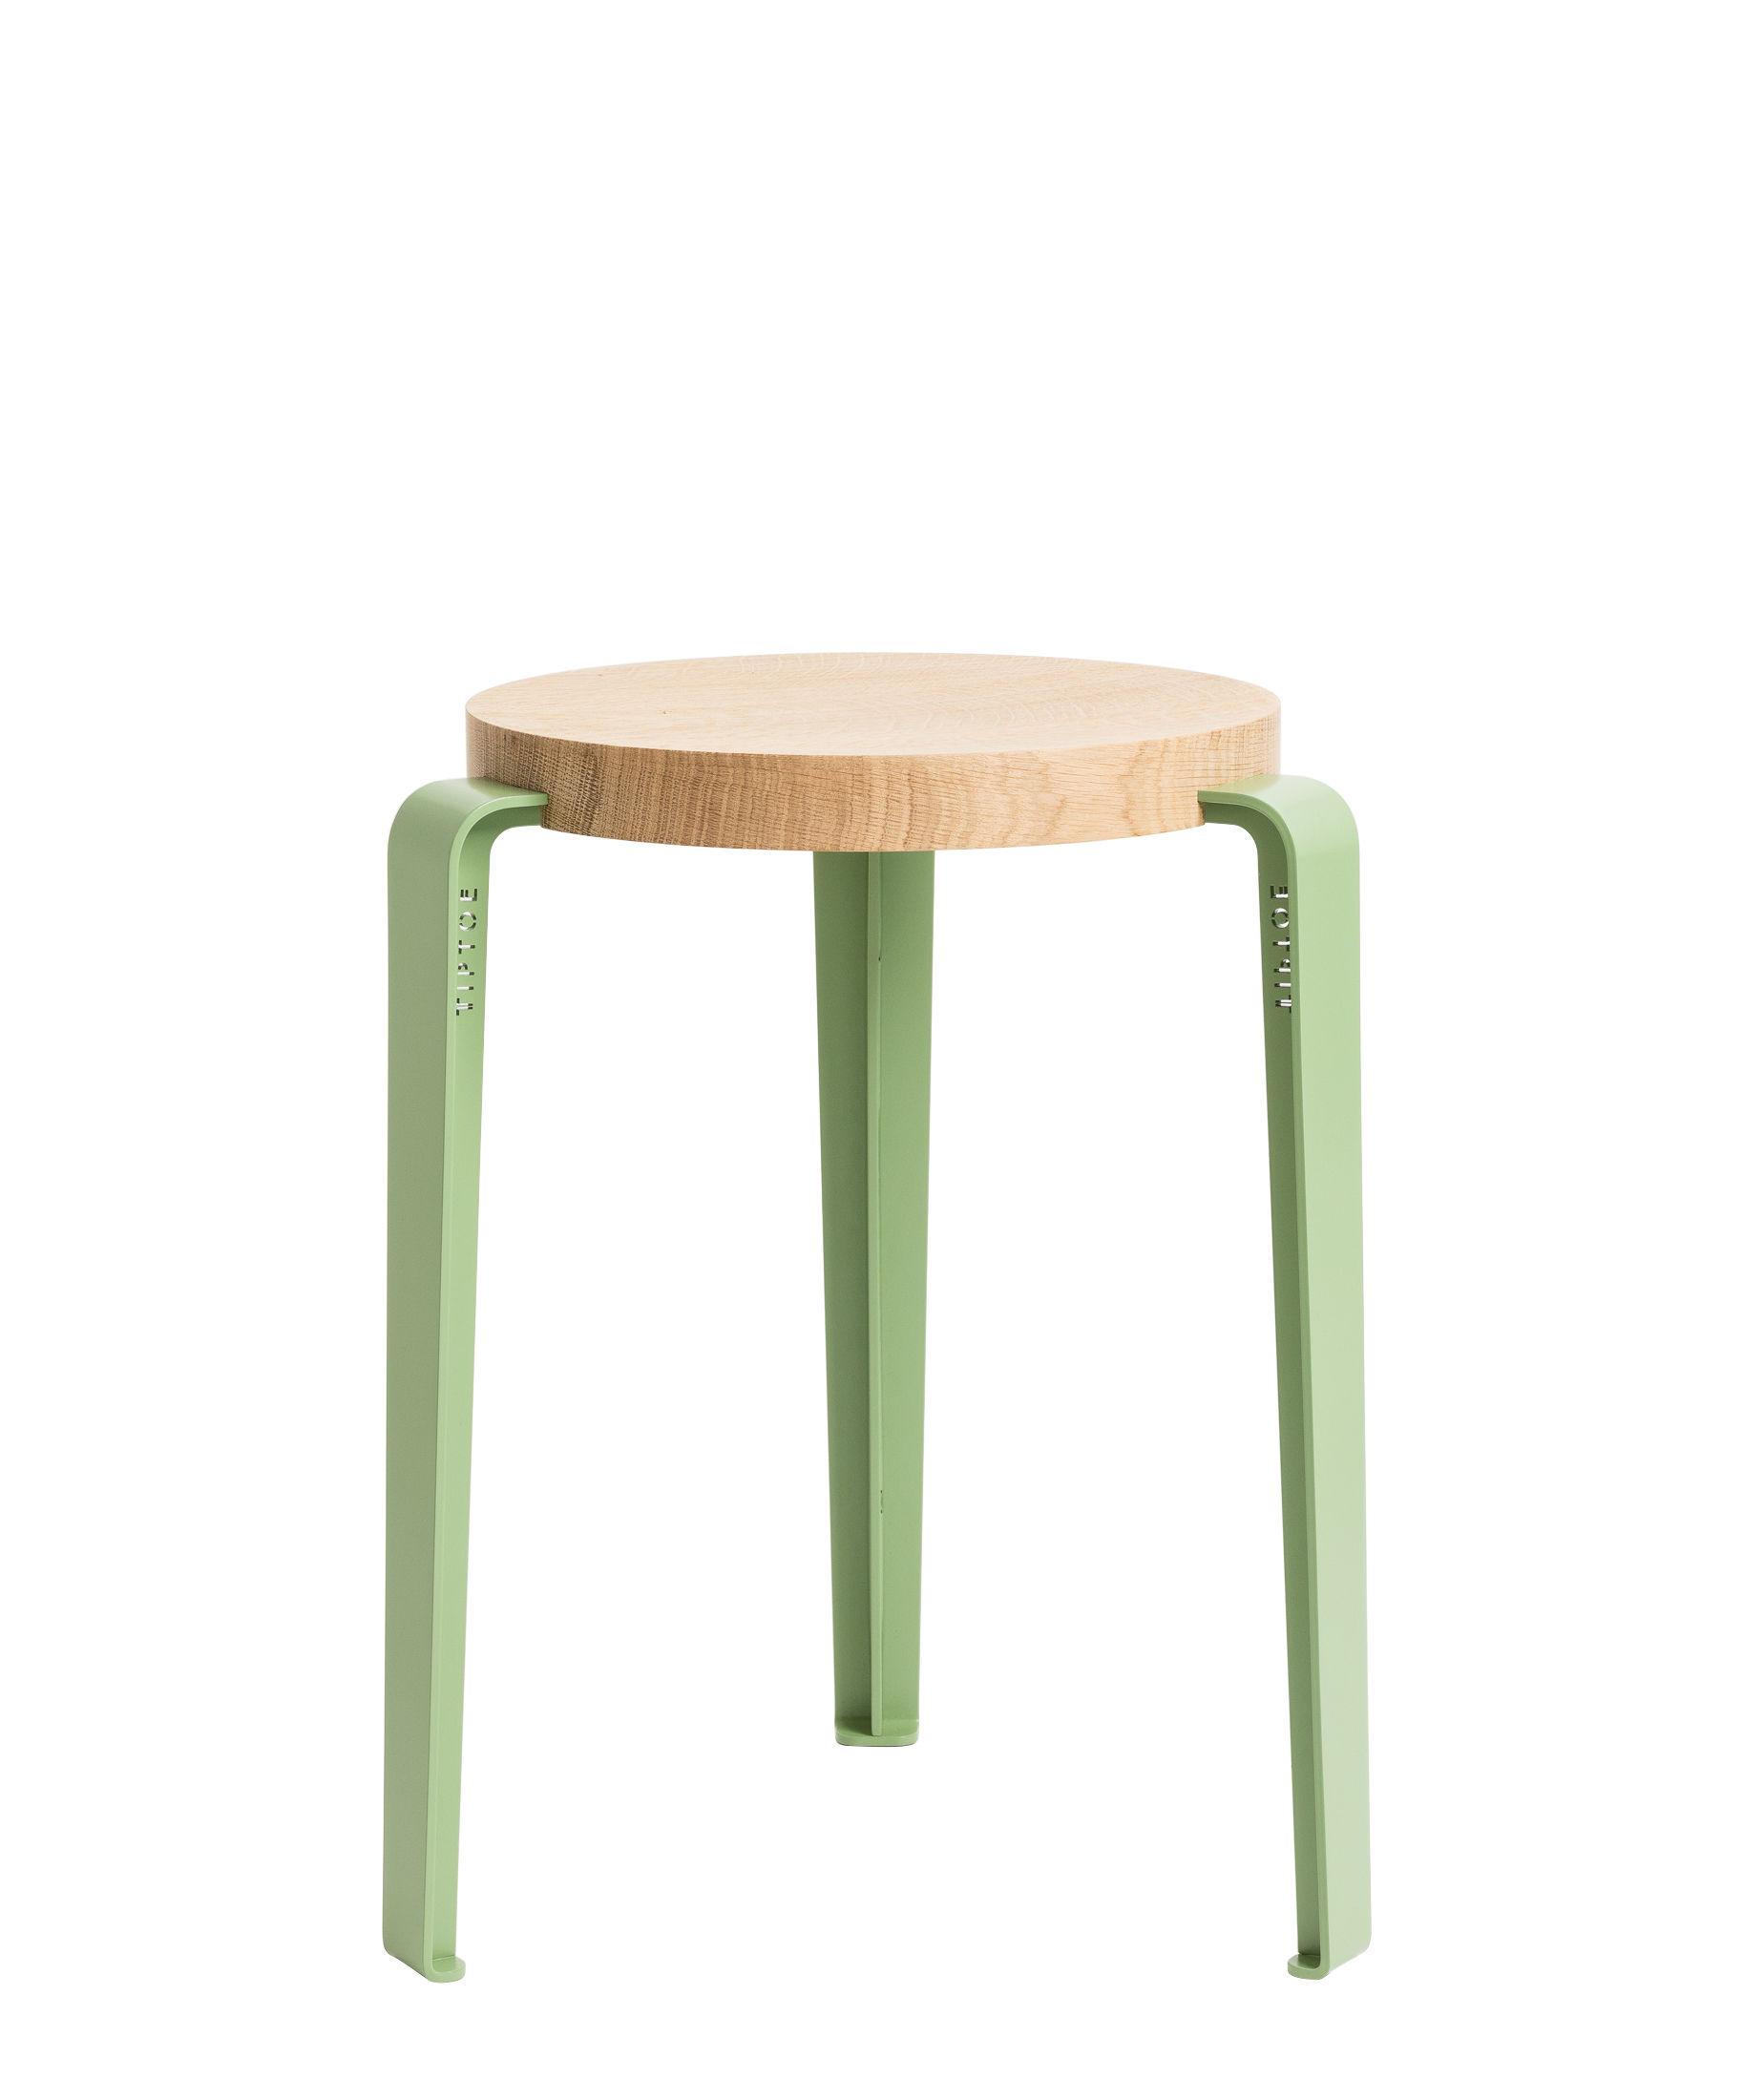 Furniture - Stools - Lou Stackable stool - / H 45 cm - Steel & oak by TipToe - Olive green / Oak - Powder coated steel, Solid oak